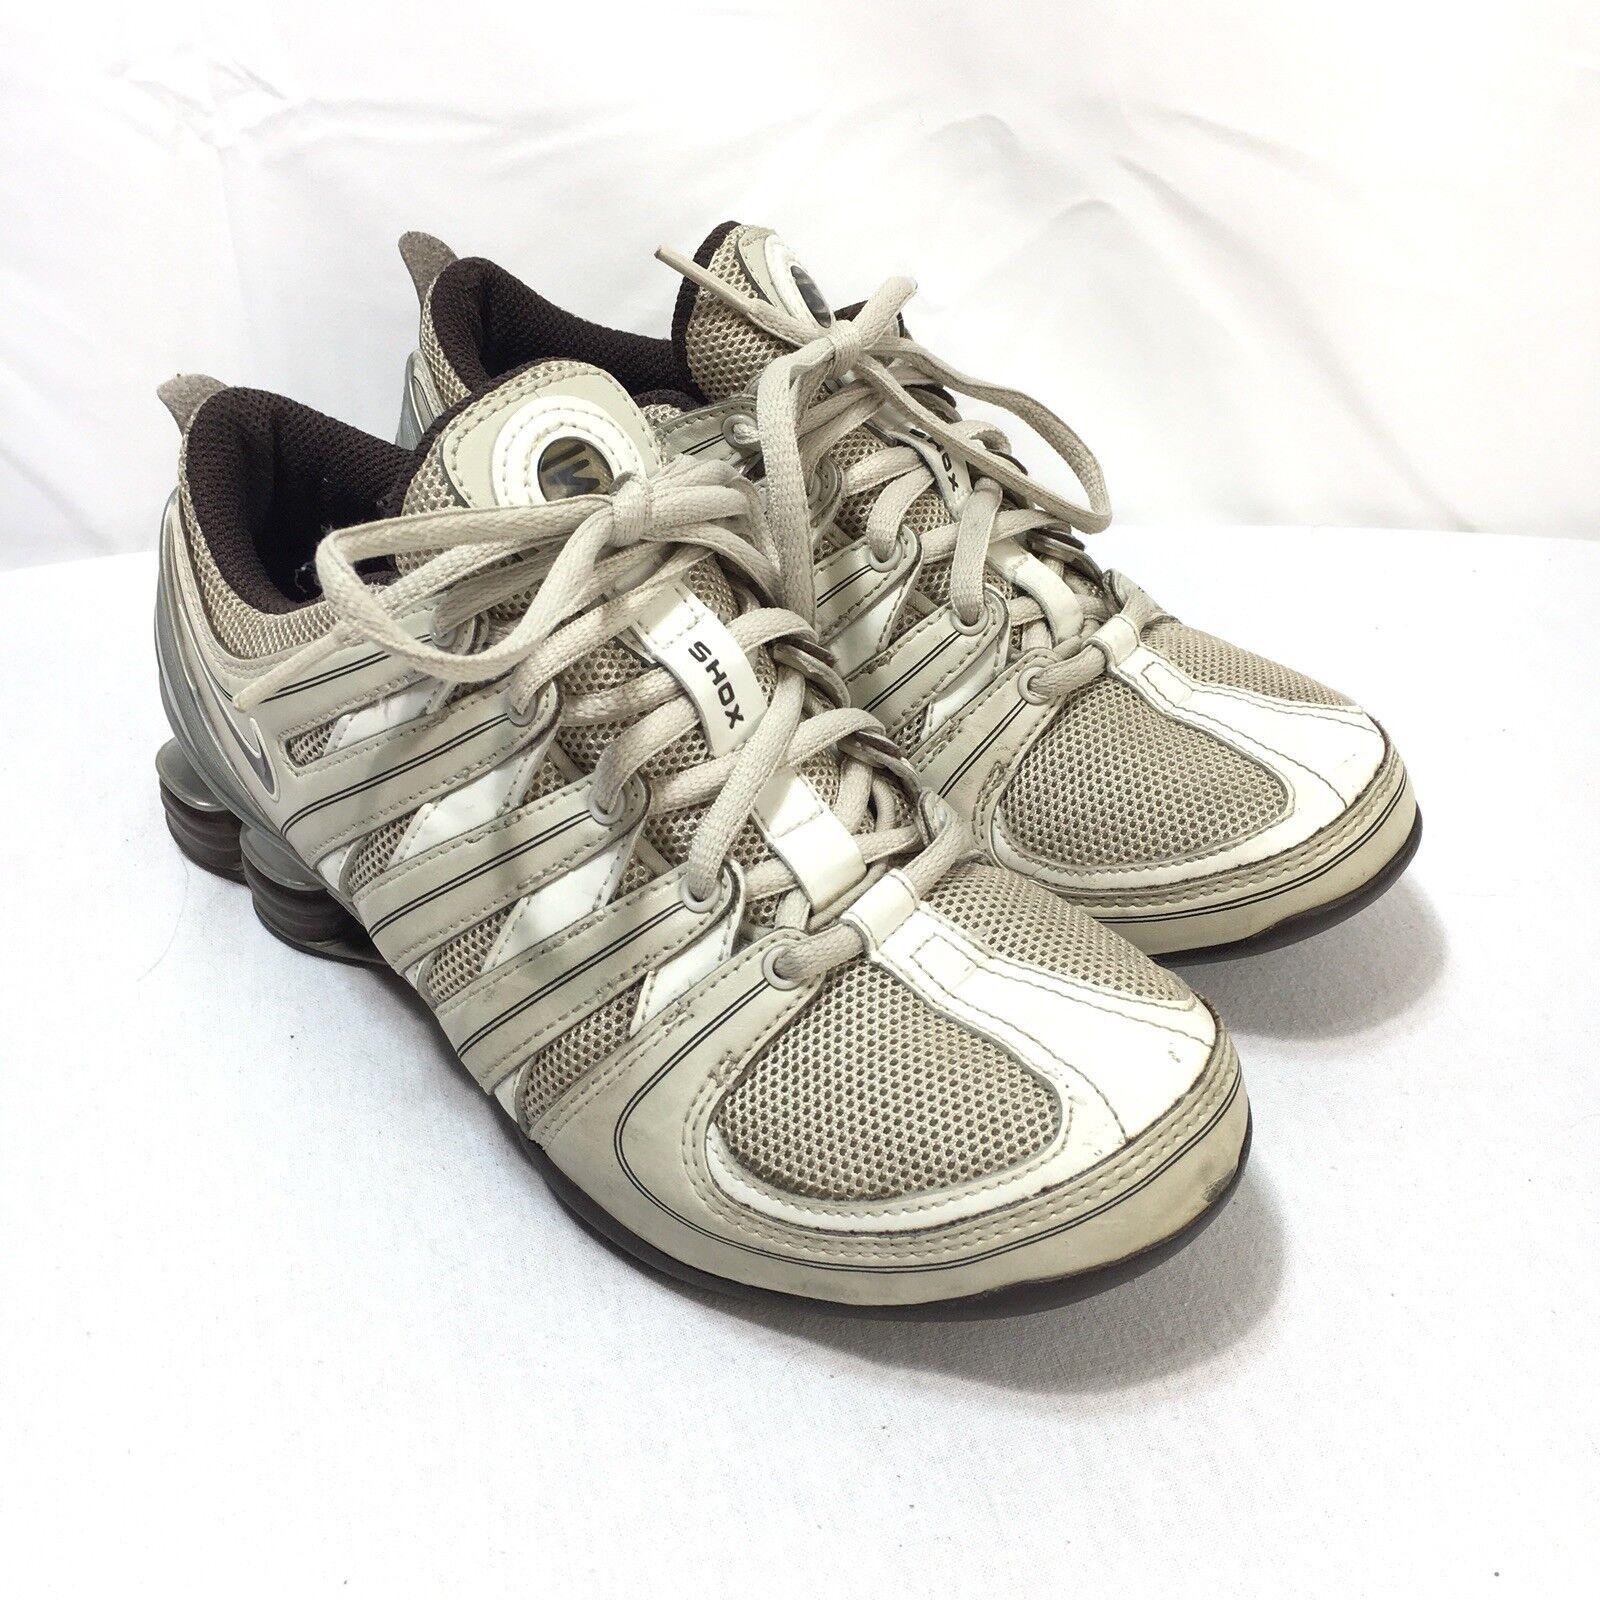 Nike shox donne merletto bianco grigio - Marroneee 6 scarpe da corsa | Buon Mercato  | Gentiluomo/Signora Scarpa